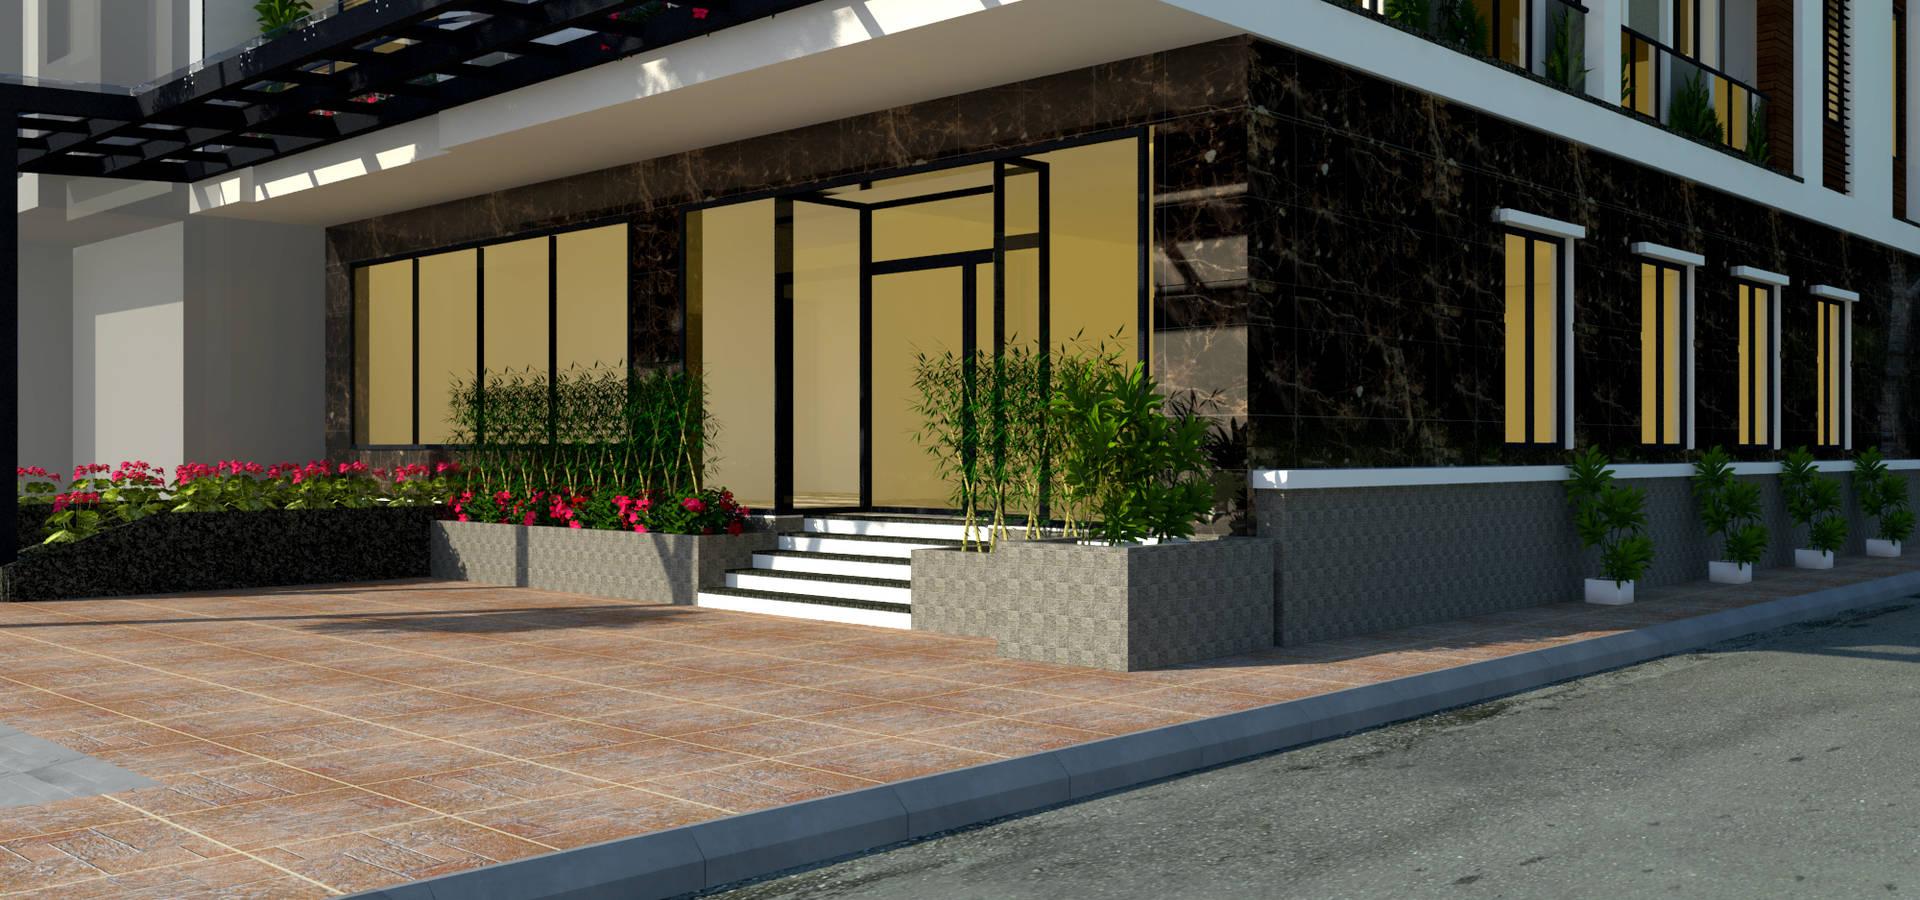 công ty cổ phần kiến trúc và nội thất adhome